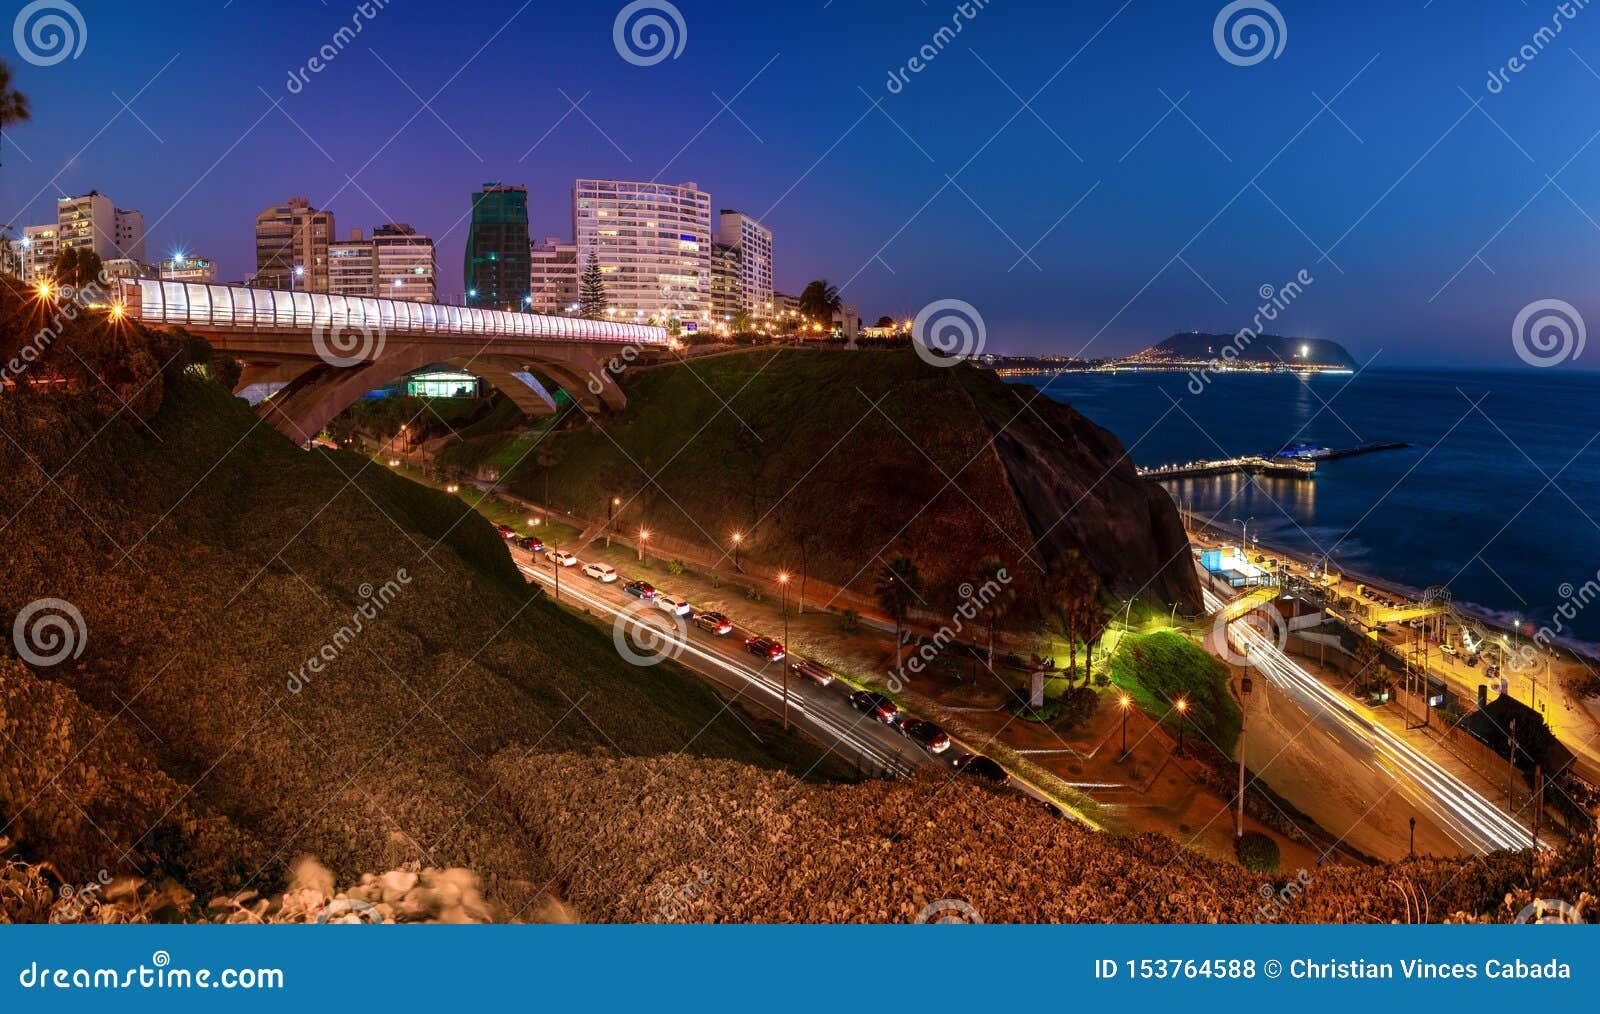 Panorama van Villena Rey Bridge van Miraflores in Lima, Peru